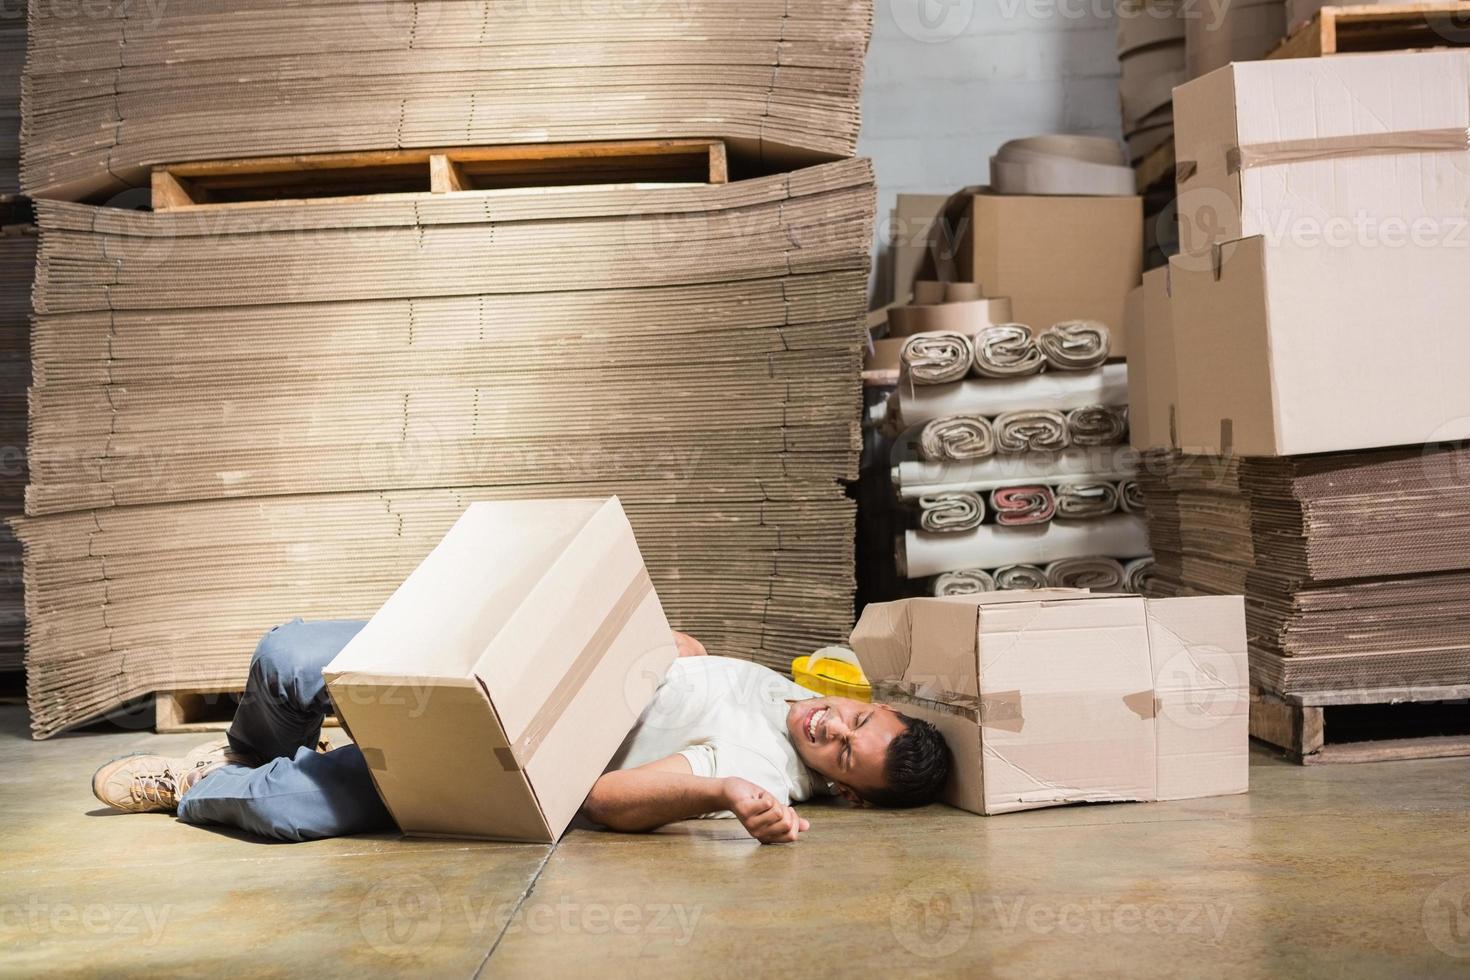 werknemer op de vloer liggen foto